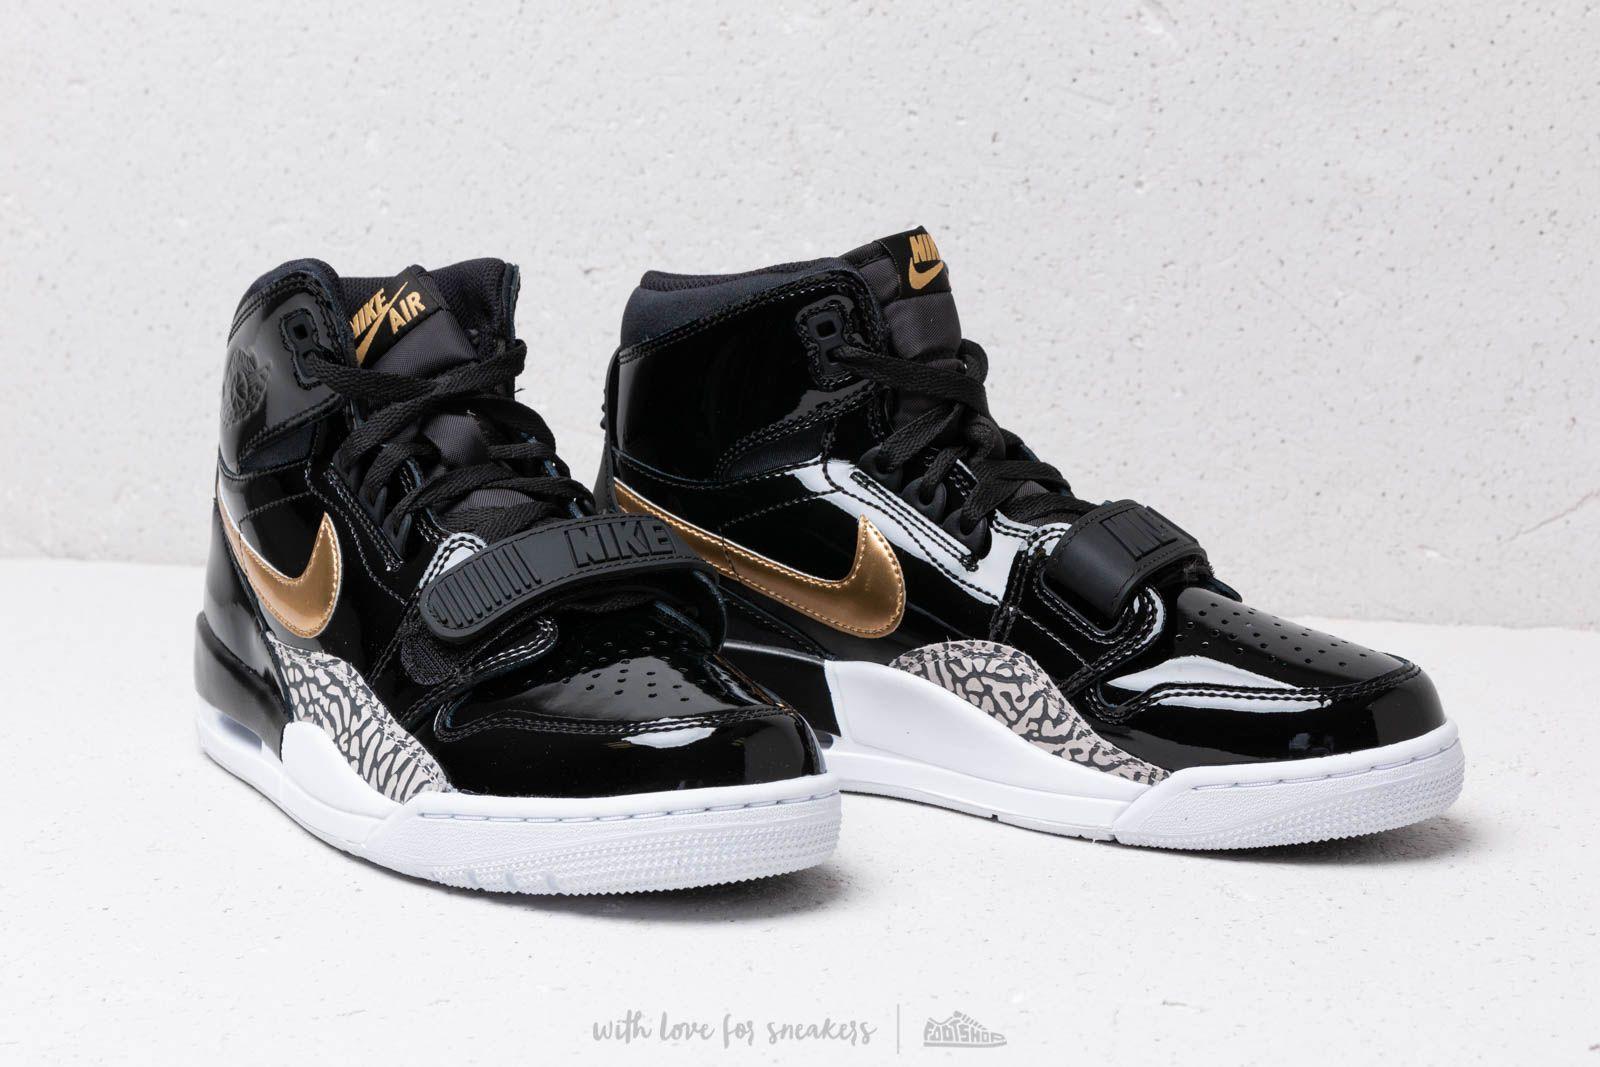 77f09cd0c49bf7 Lyst - Nike Air Jordan Legacy 312 Black  Metallic Gold  White in ...